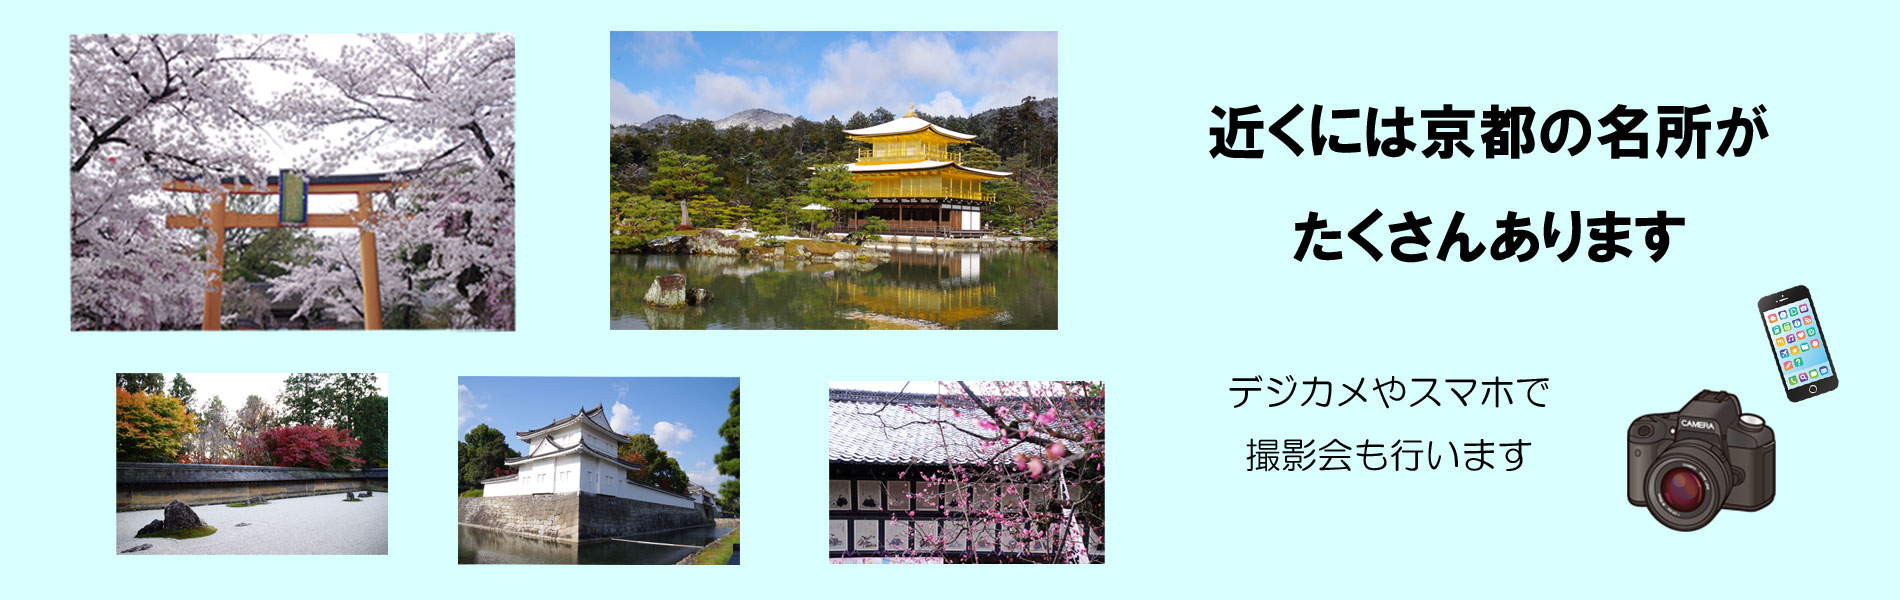 京都の名所